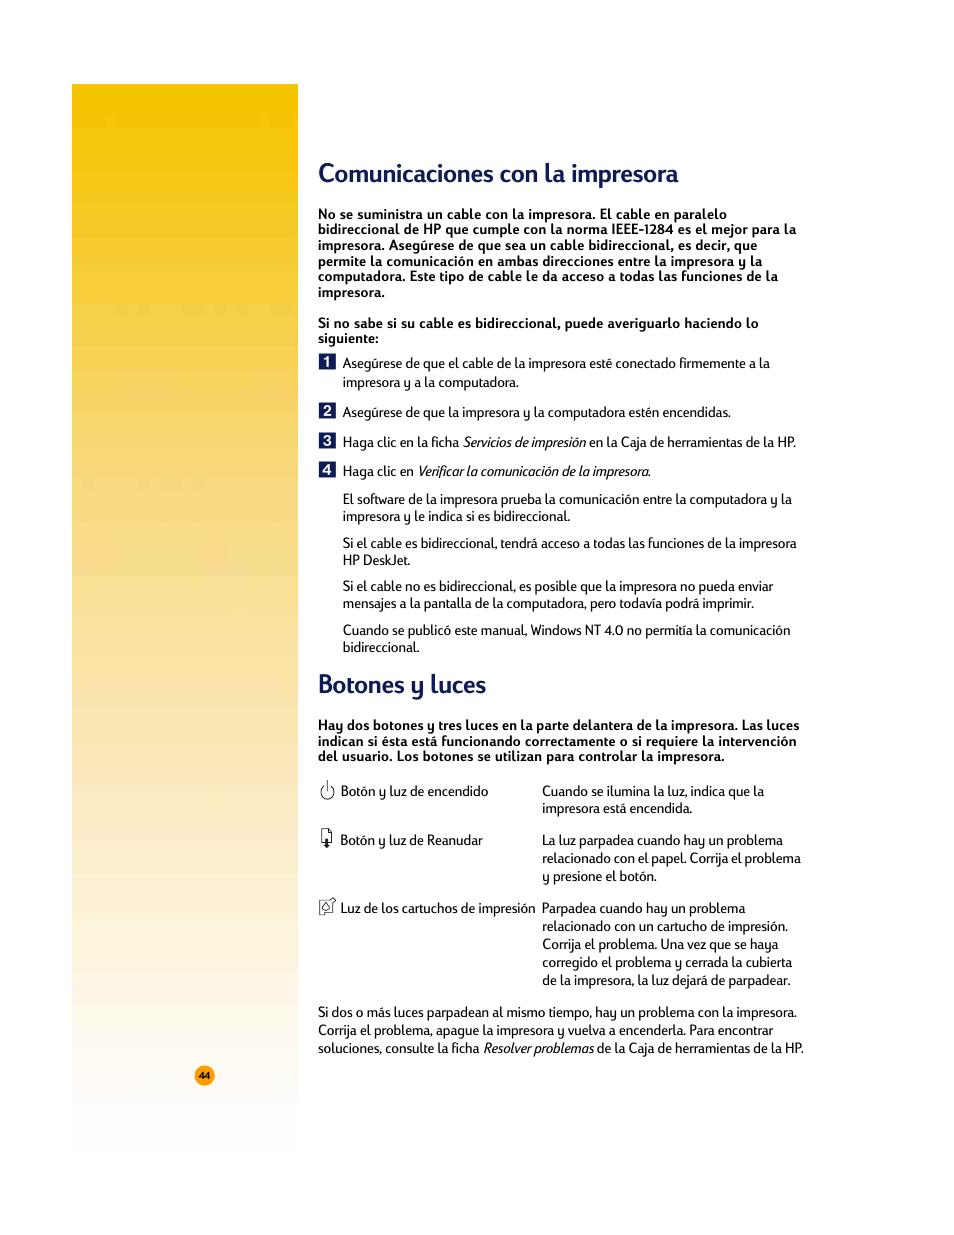 Comunicaciones con la impresora, Botones y luces | HP Impresora HP ...